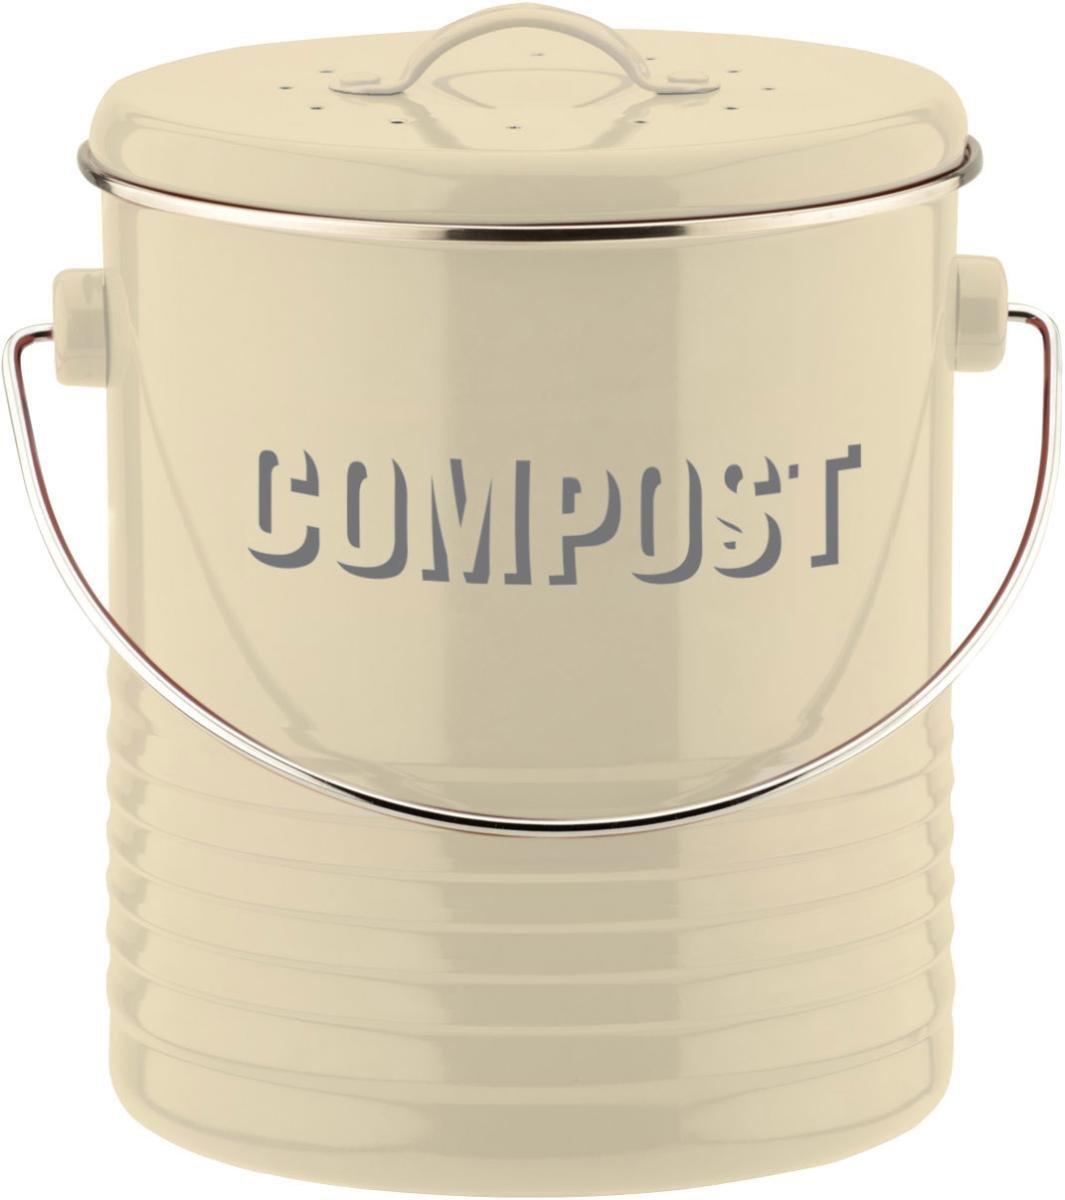 Typhoon Vintage Kitchen Compost Caddy, Cream: Amazon.co.uk: Kitchen ...